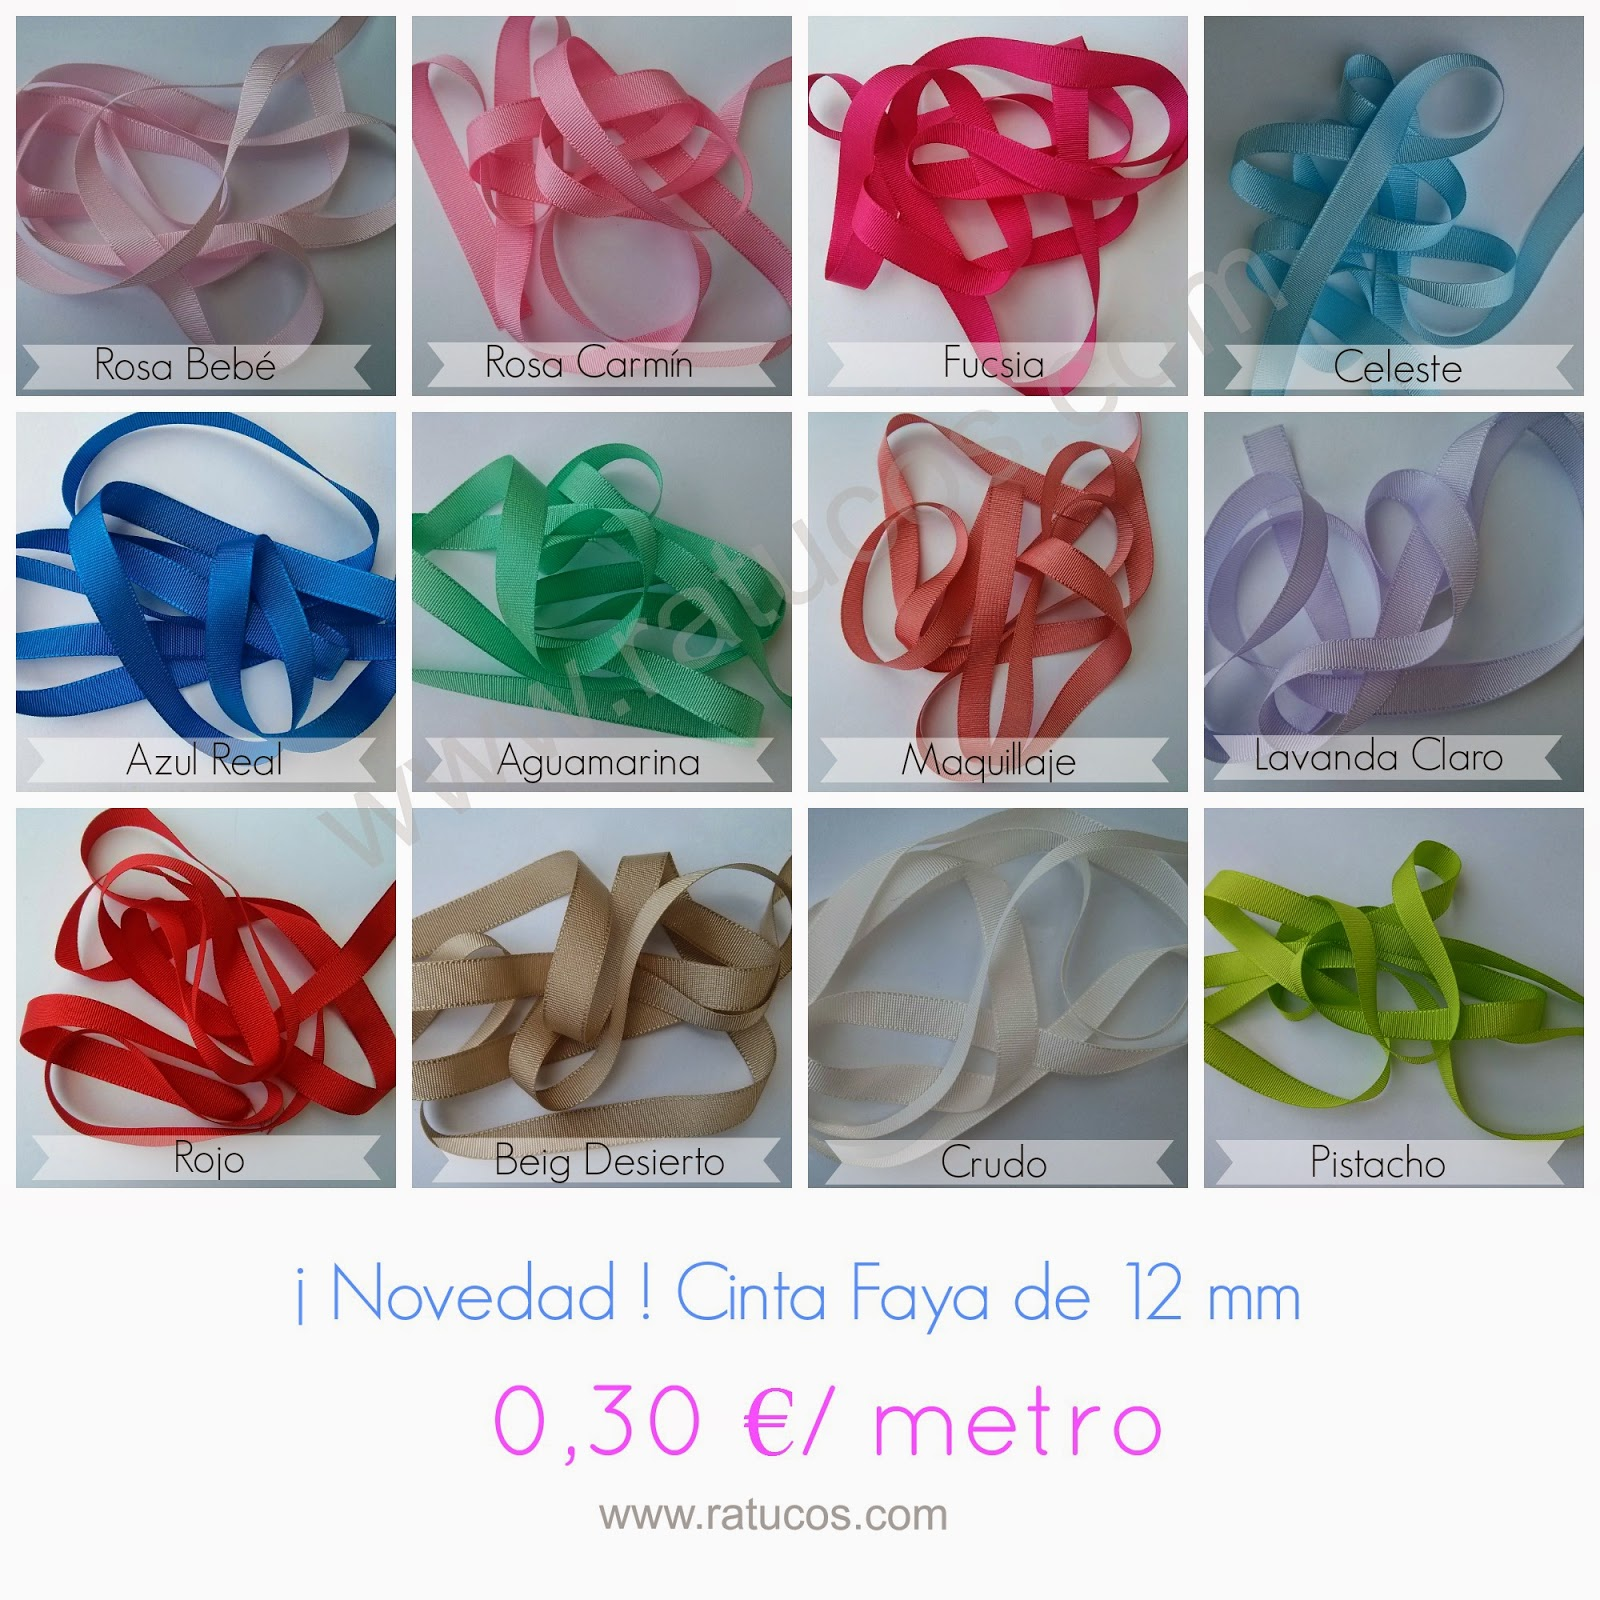 http://www.ratucos.com/es/faya/3332-cinta-faya-12-mm.html